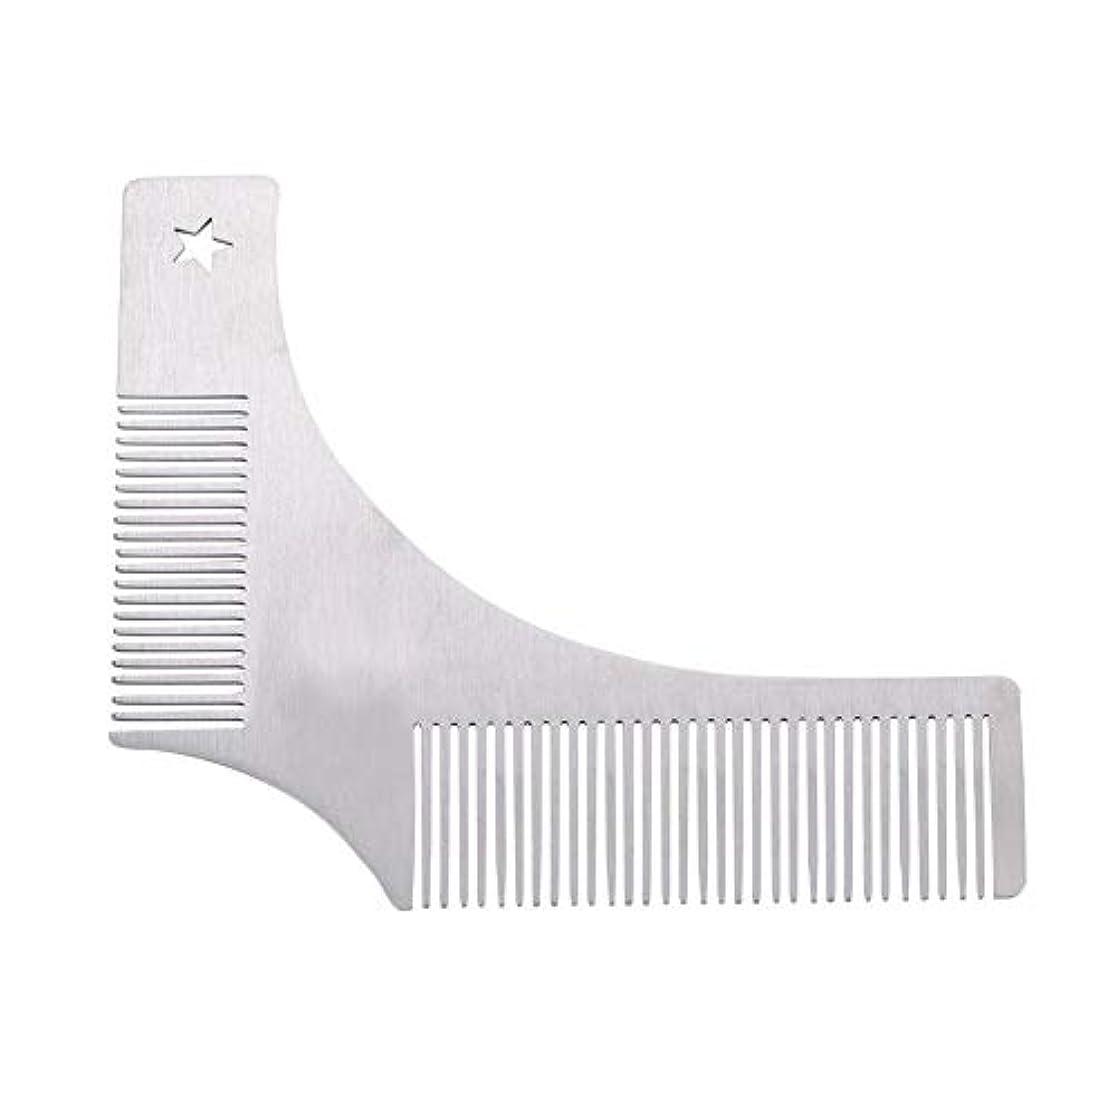 限界測定破産ひげを整形くし、ステンレス鋼ひげを整えるためのツール異なるひげスタイリングテンプレートくしツール男性美容ツールアクセサリー